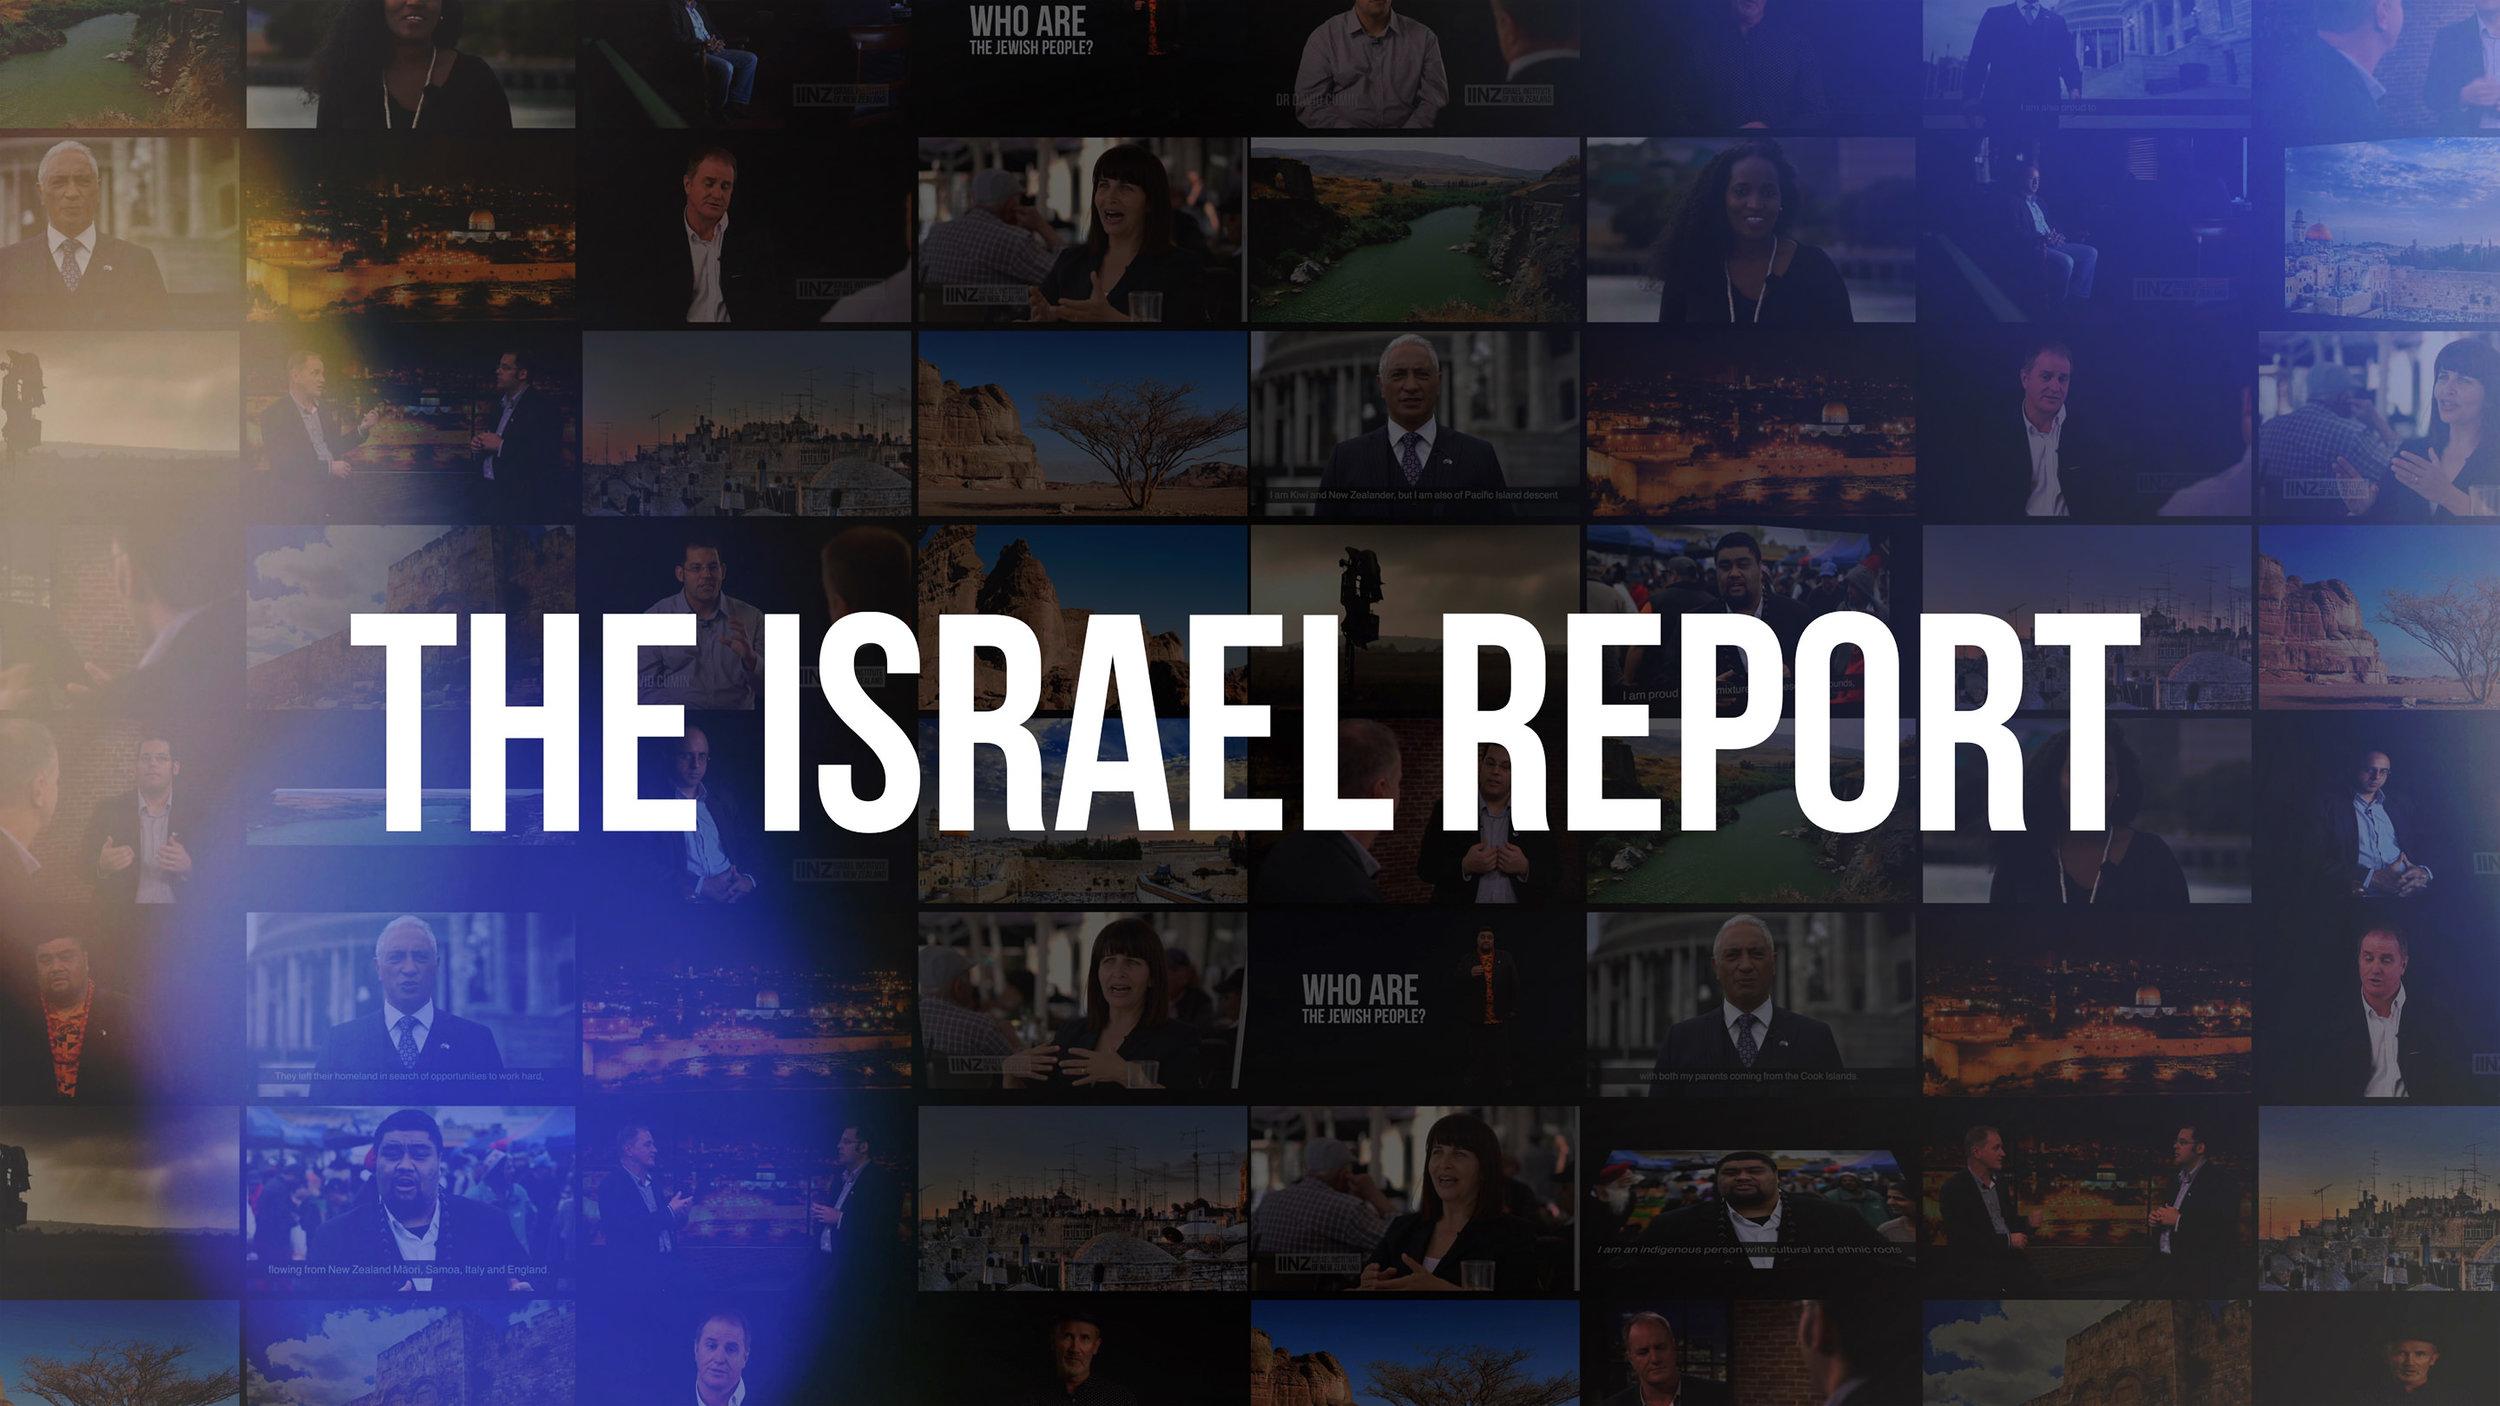 Israel-Report-IINZ_Shine-thumbnail.jpg